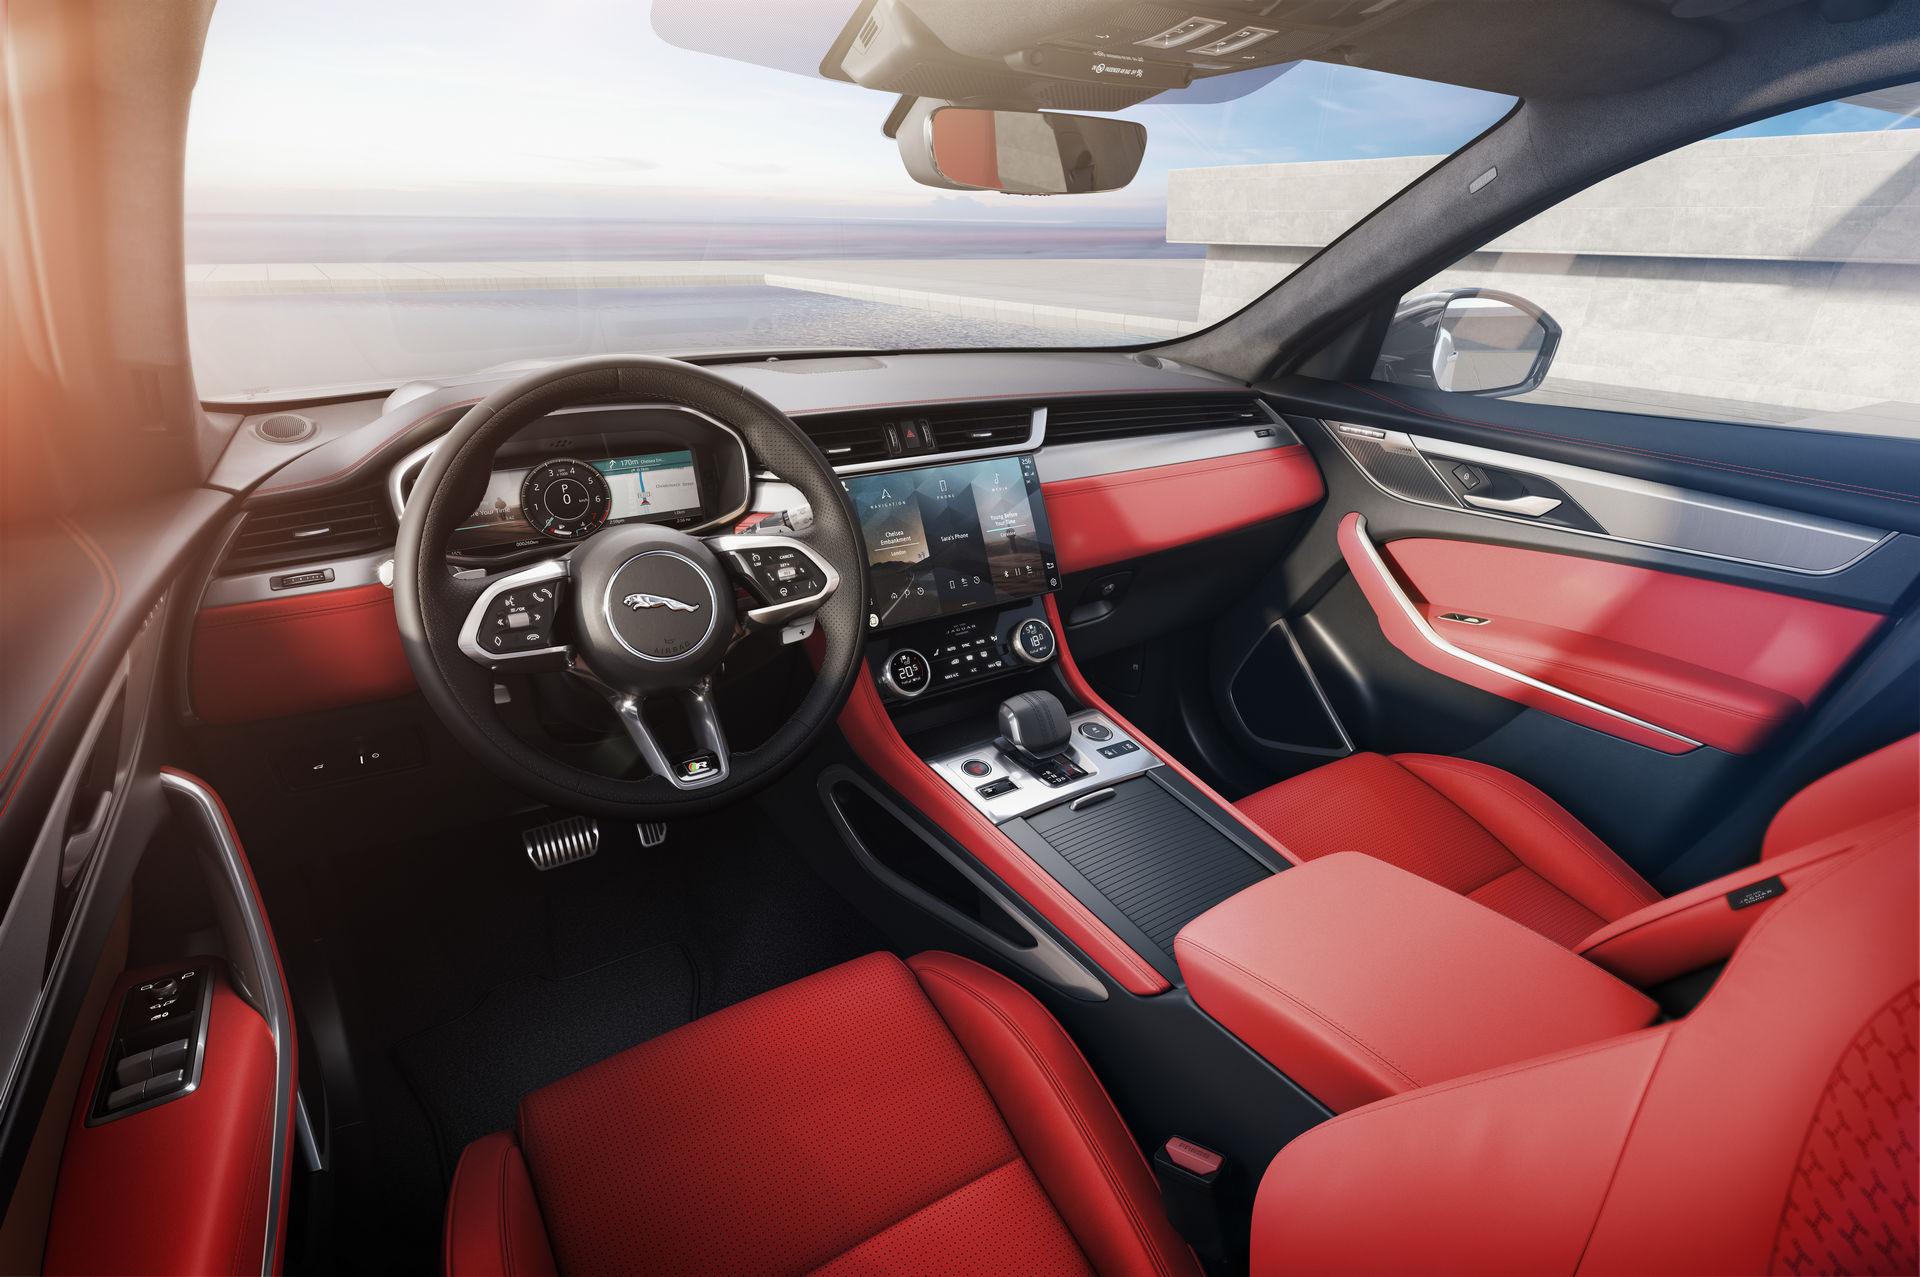 2021-jaguar-f-pace-131.jpg